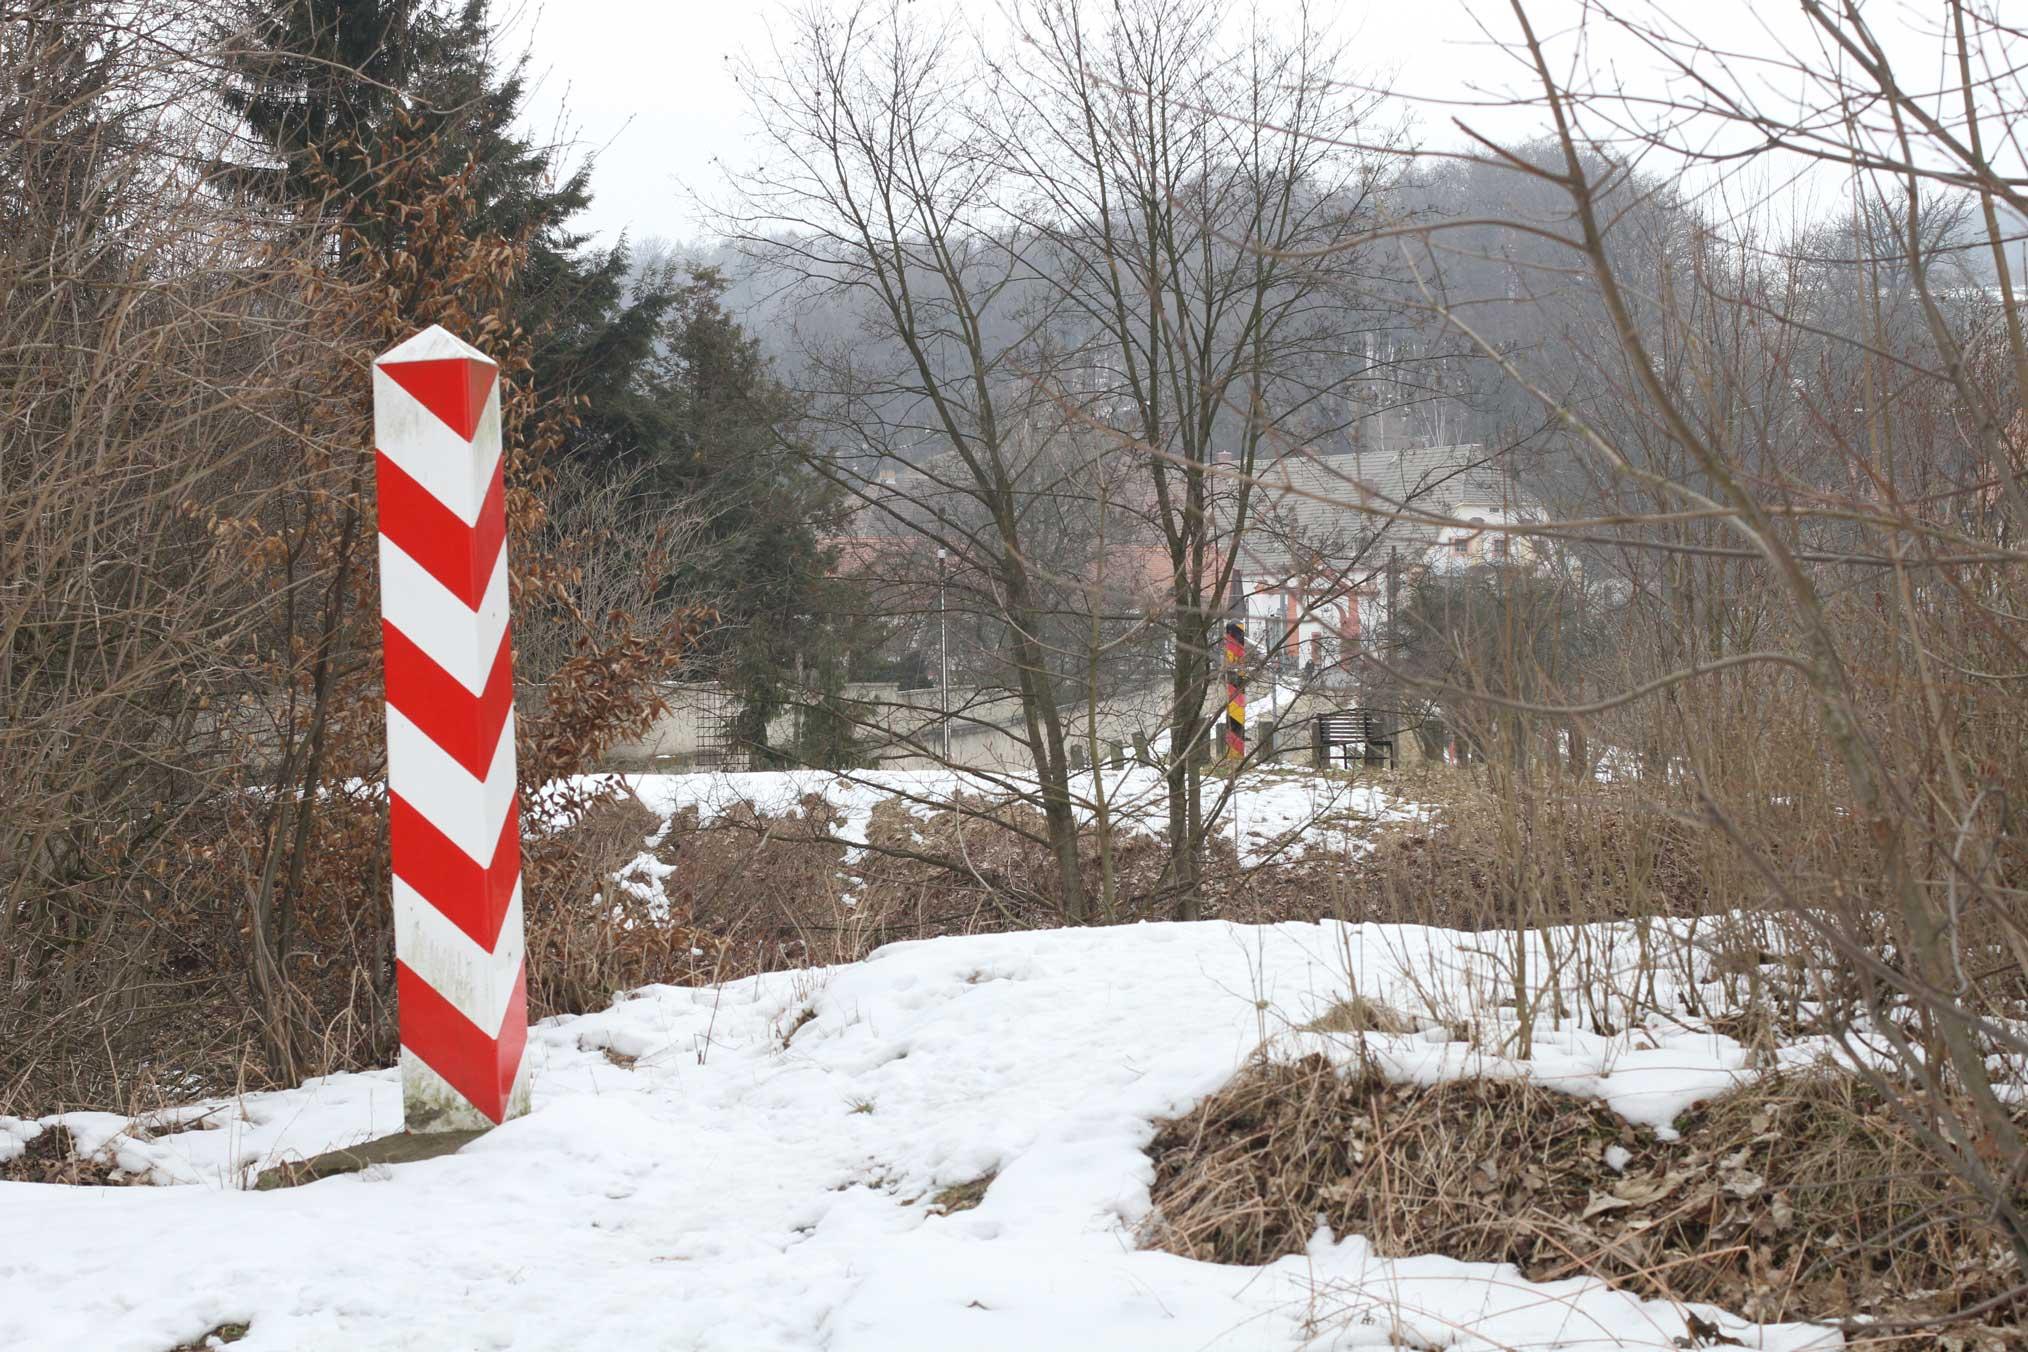 http://transkaukazja.de/wp-content/uploads/2013/07/posadawinter.jpg